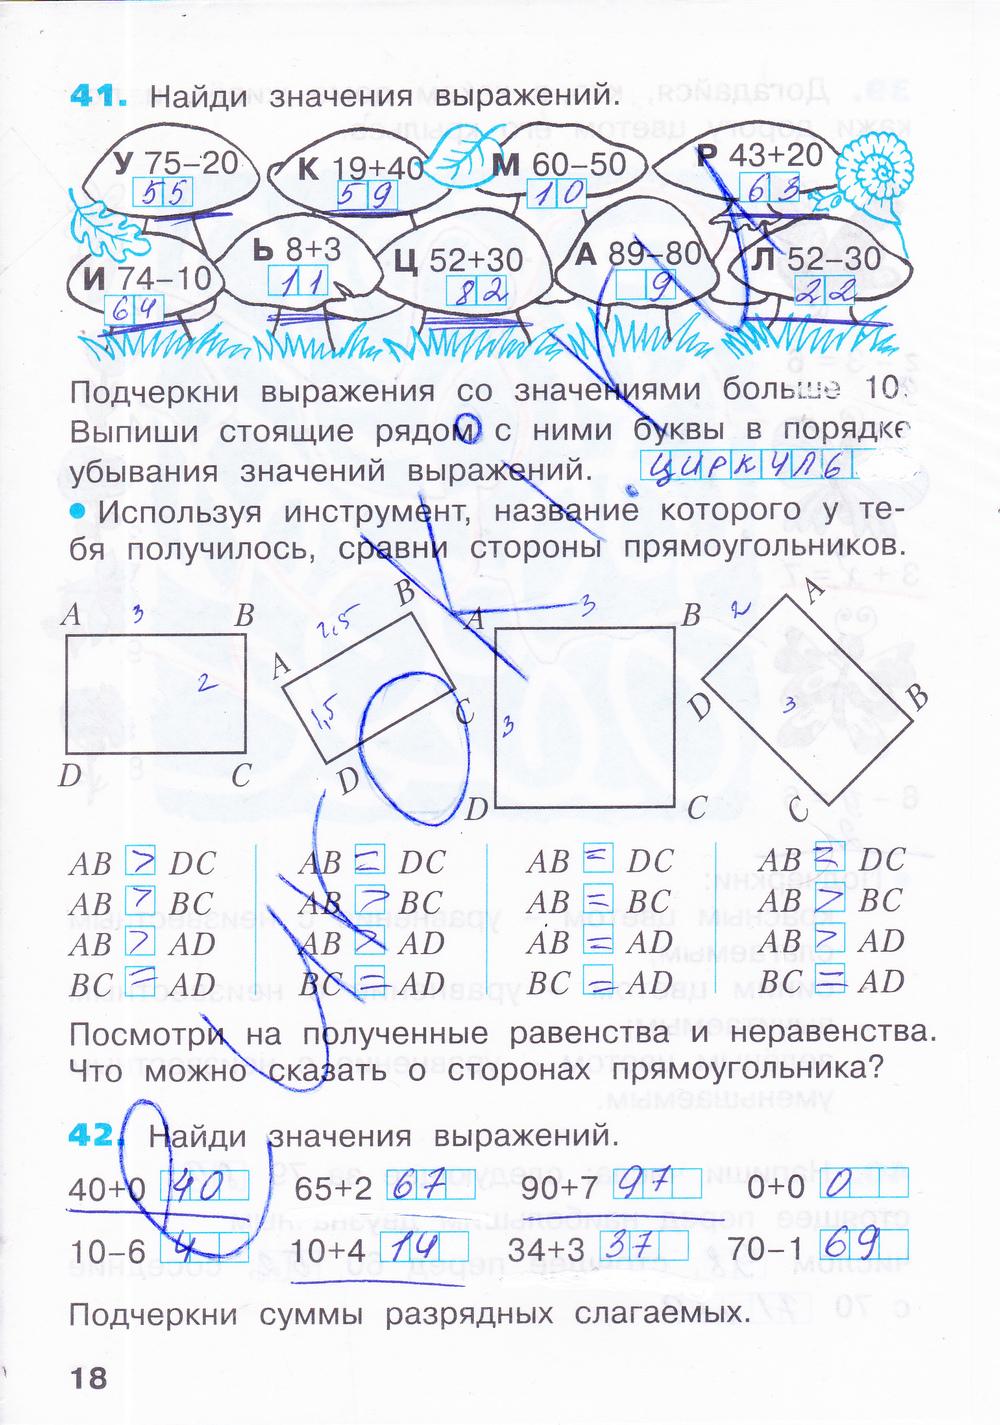 Гдз по математике 2 класс раб тетрадь